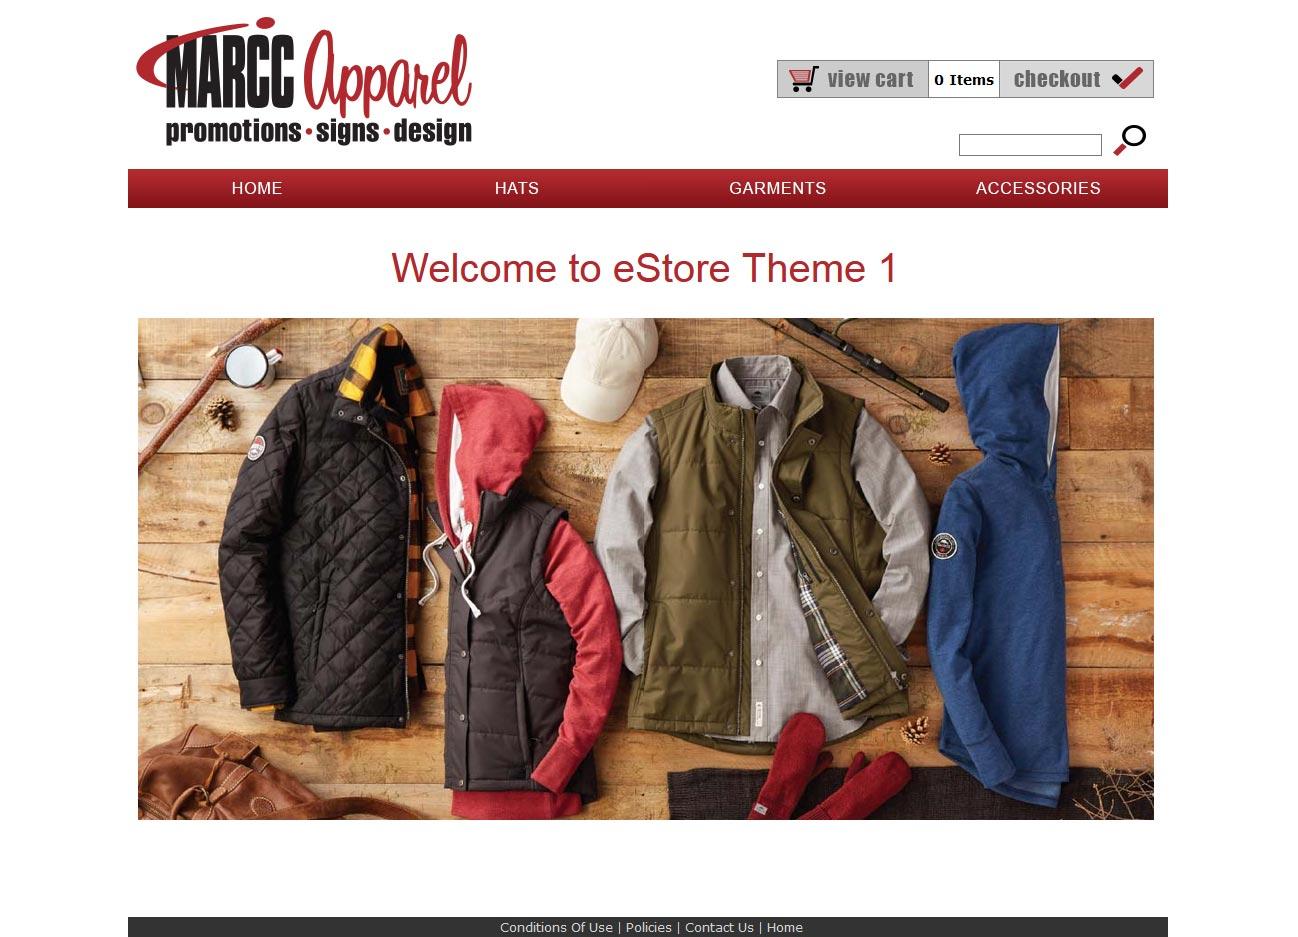 MARCC Sample eStore